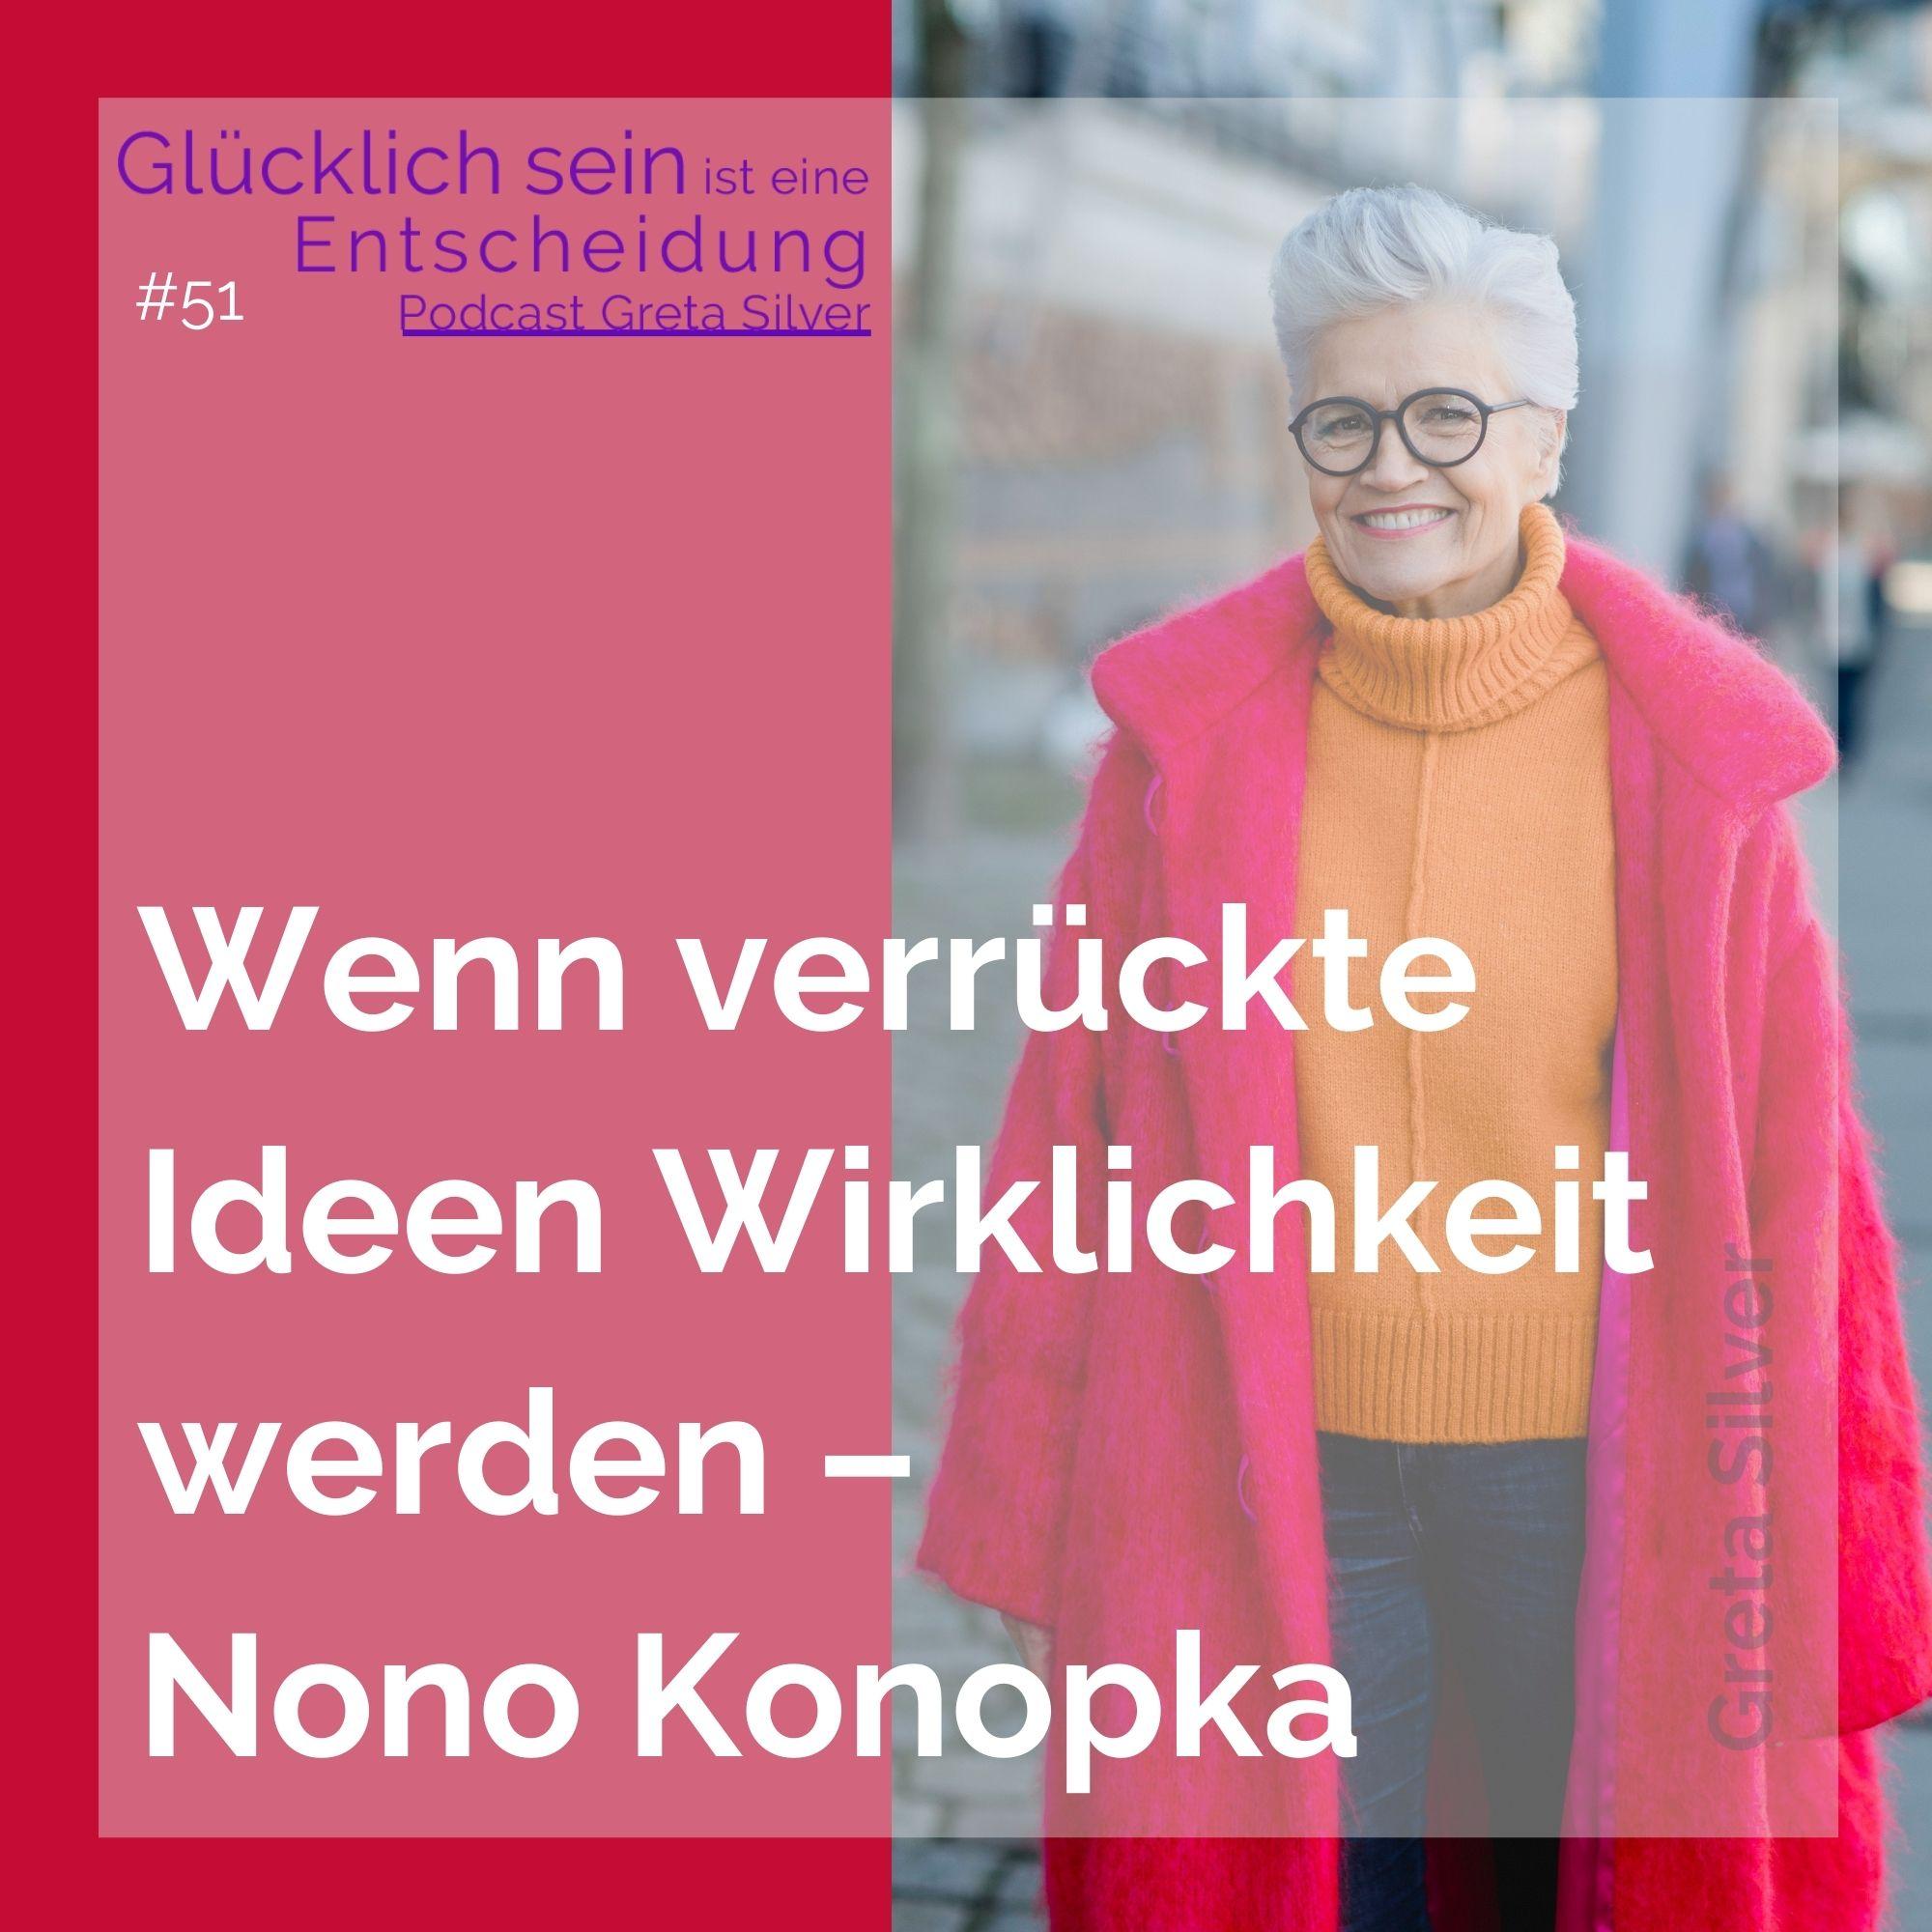 #51 Wenn verrückte Ideen Wirklichkeit werden – Nono Konopka